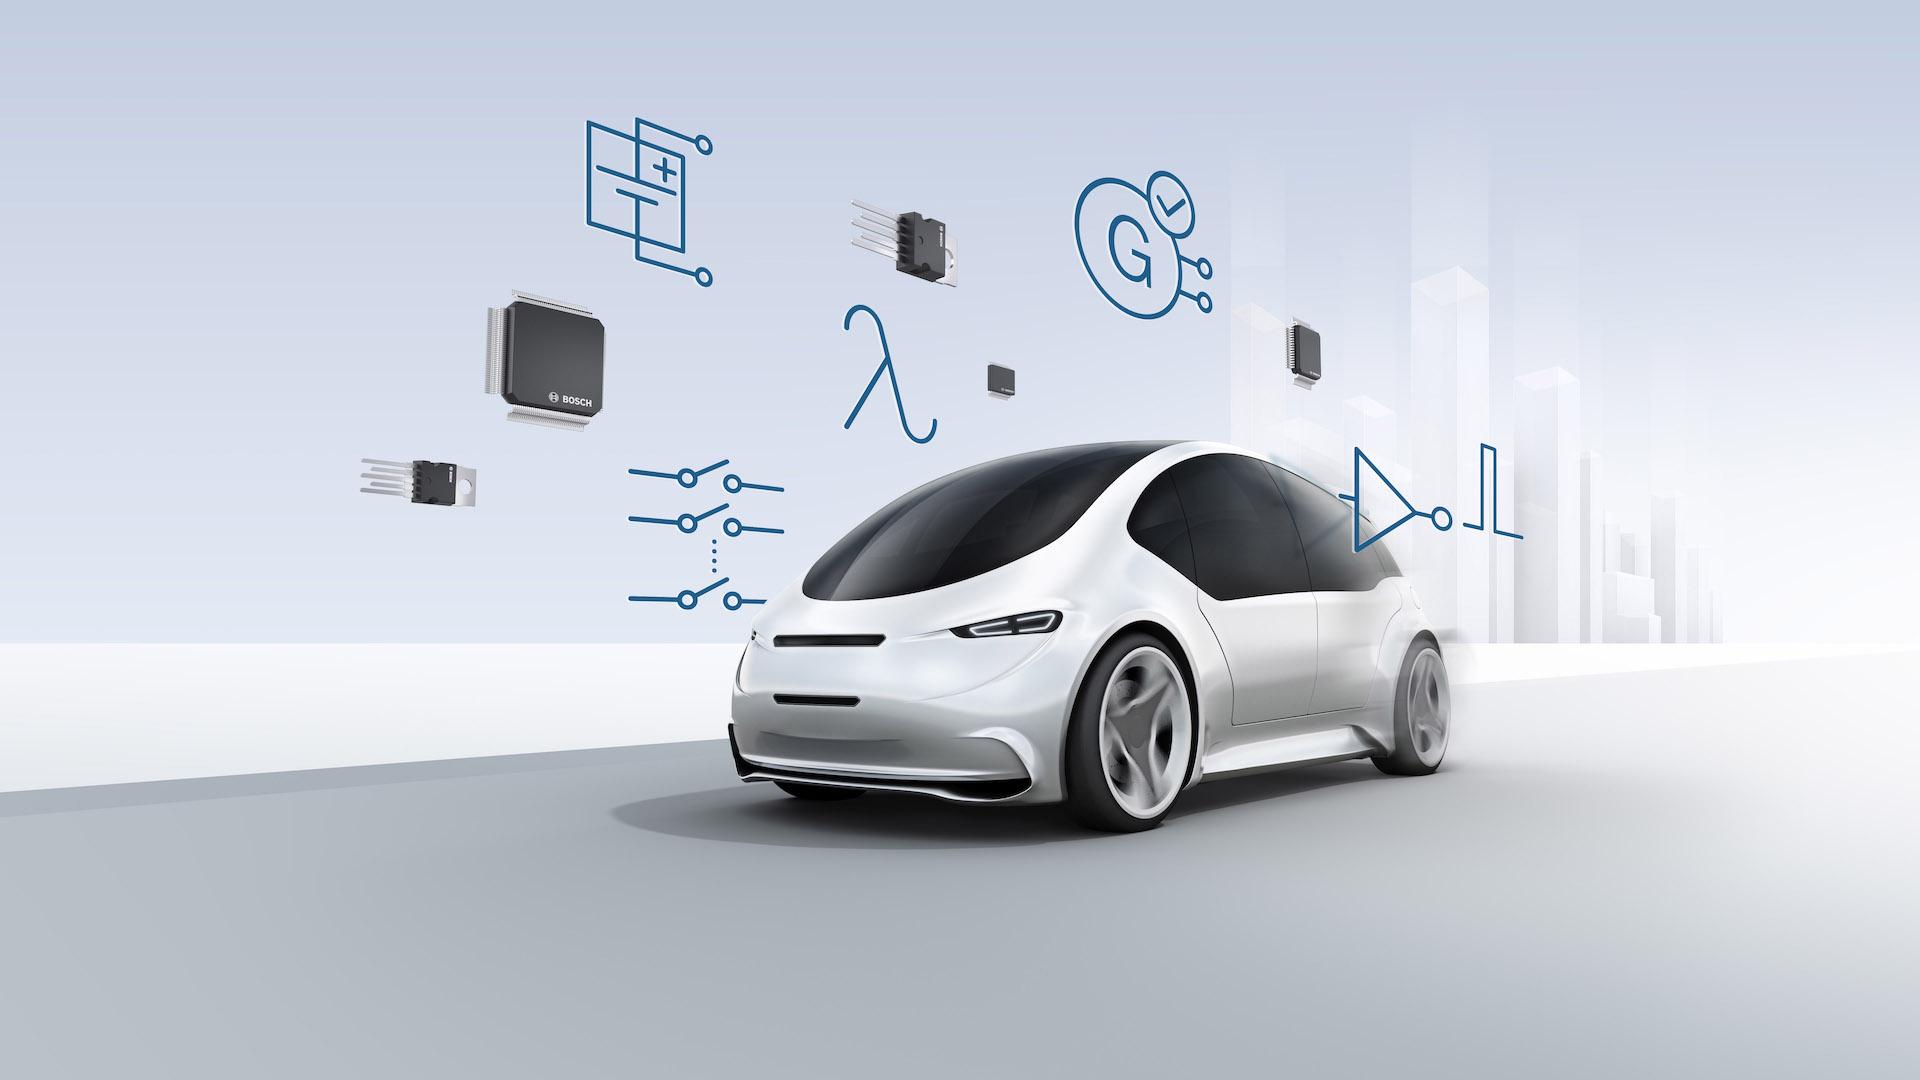 Des micro-explosions pour rendre les voitures électriques plus sûres ? C'est l'idée de Bosch, inspirée des airbags